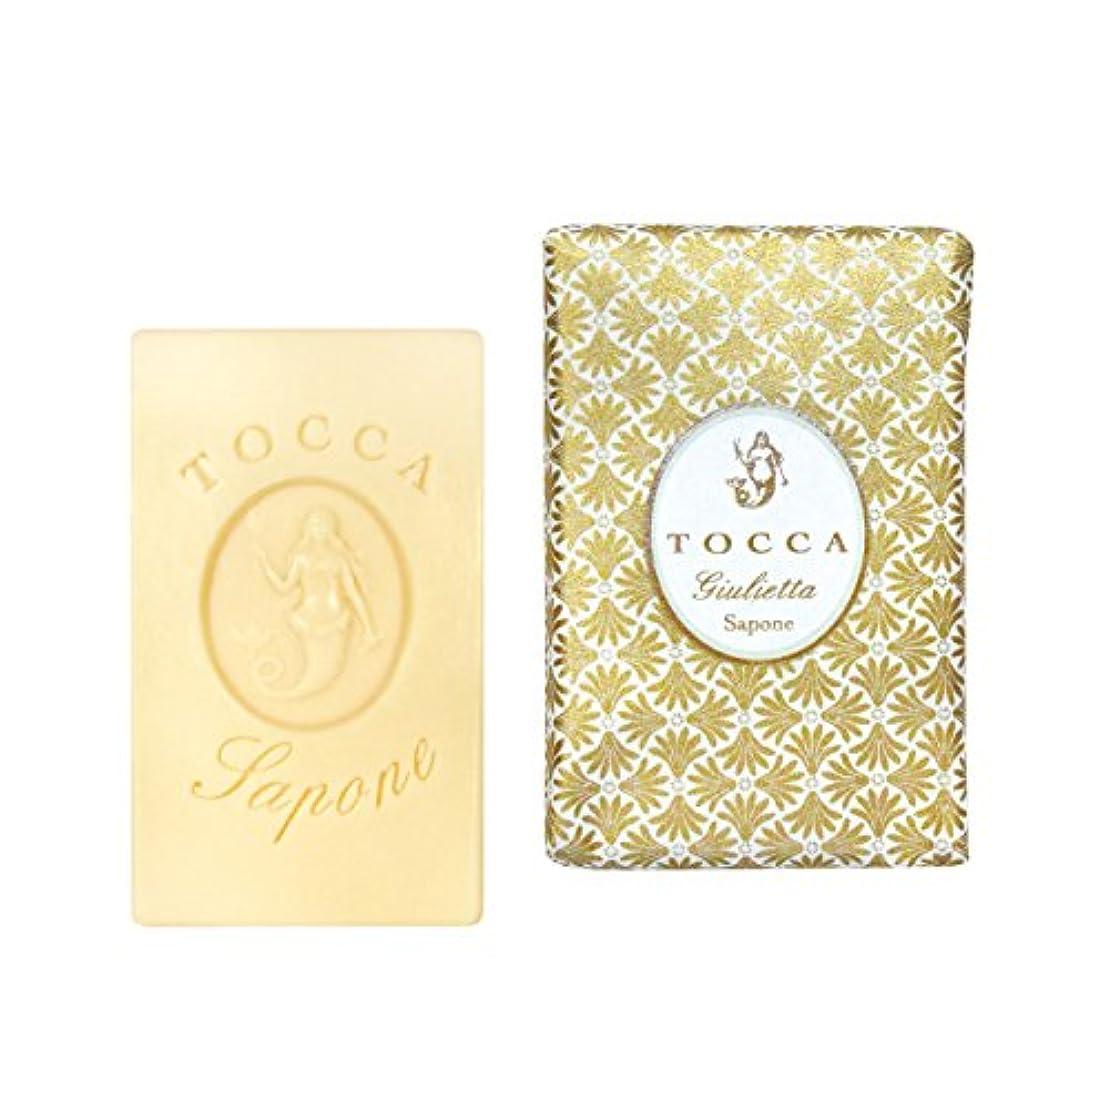 成長年金受給者植木トッカ(TOCCA) ソープバー ジュリエッタの香り 113g(化粧石けん ピンクチューリップとグリーンアップルの爽やかで甘い香り)